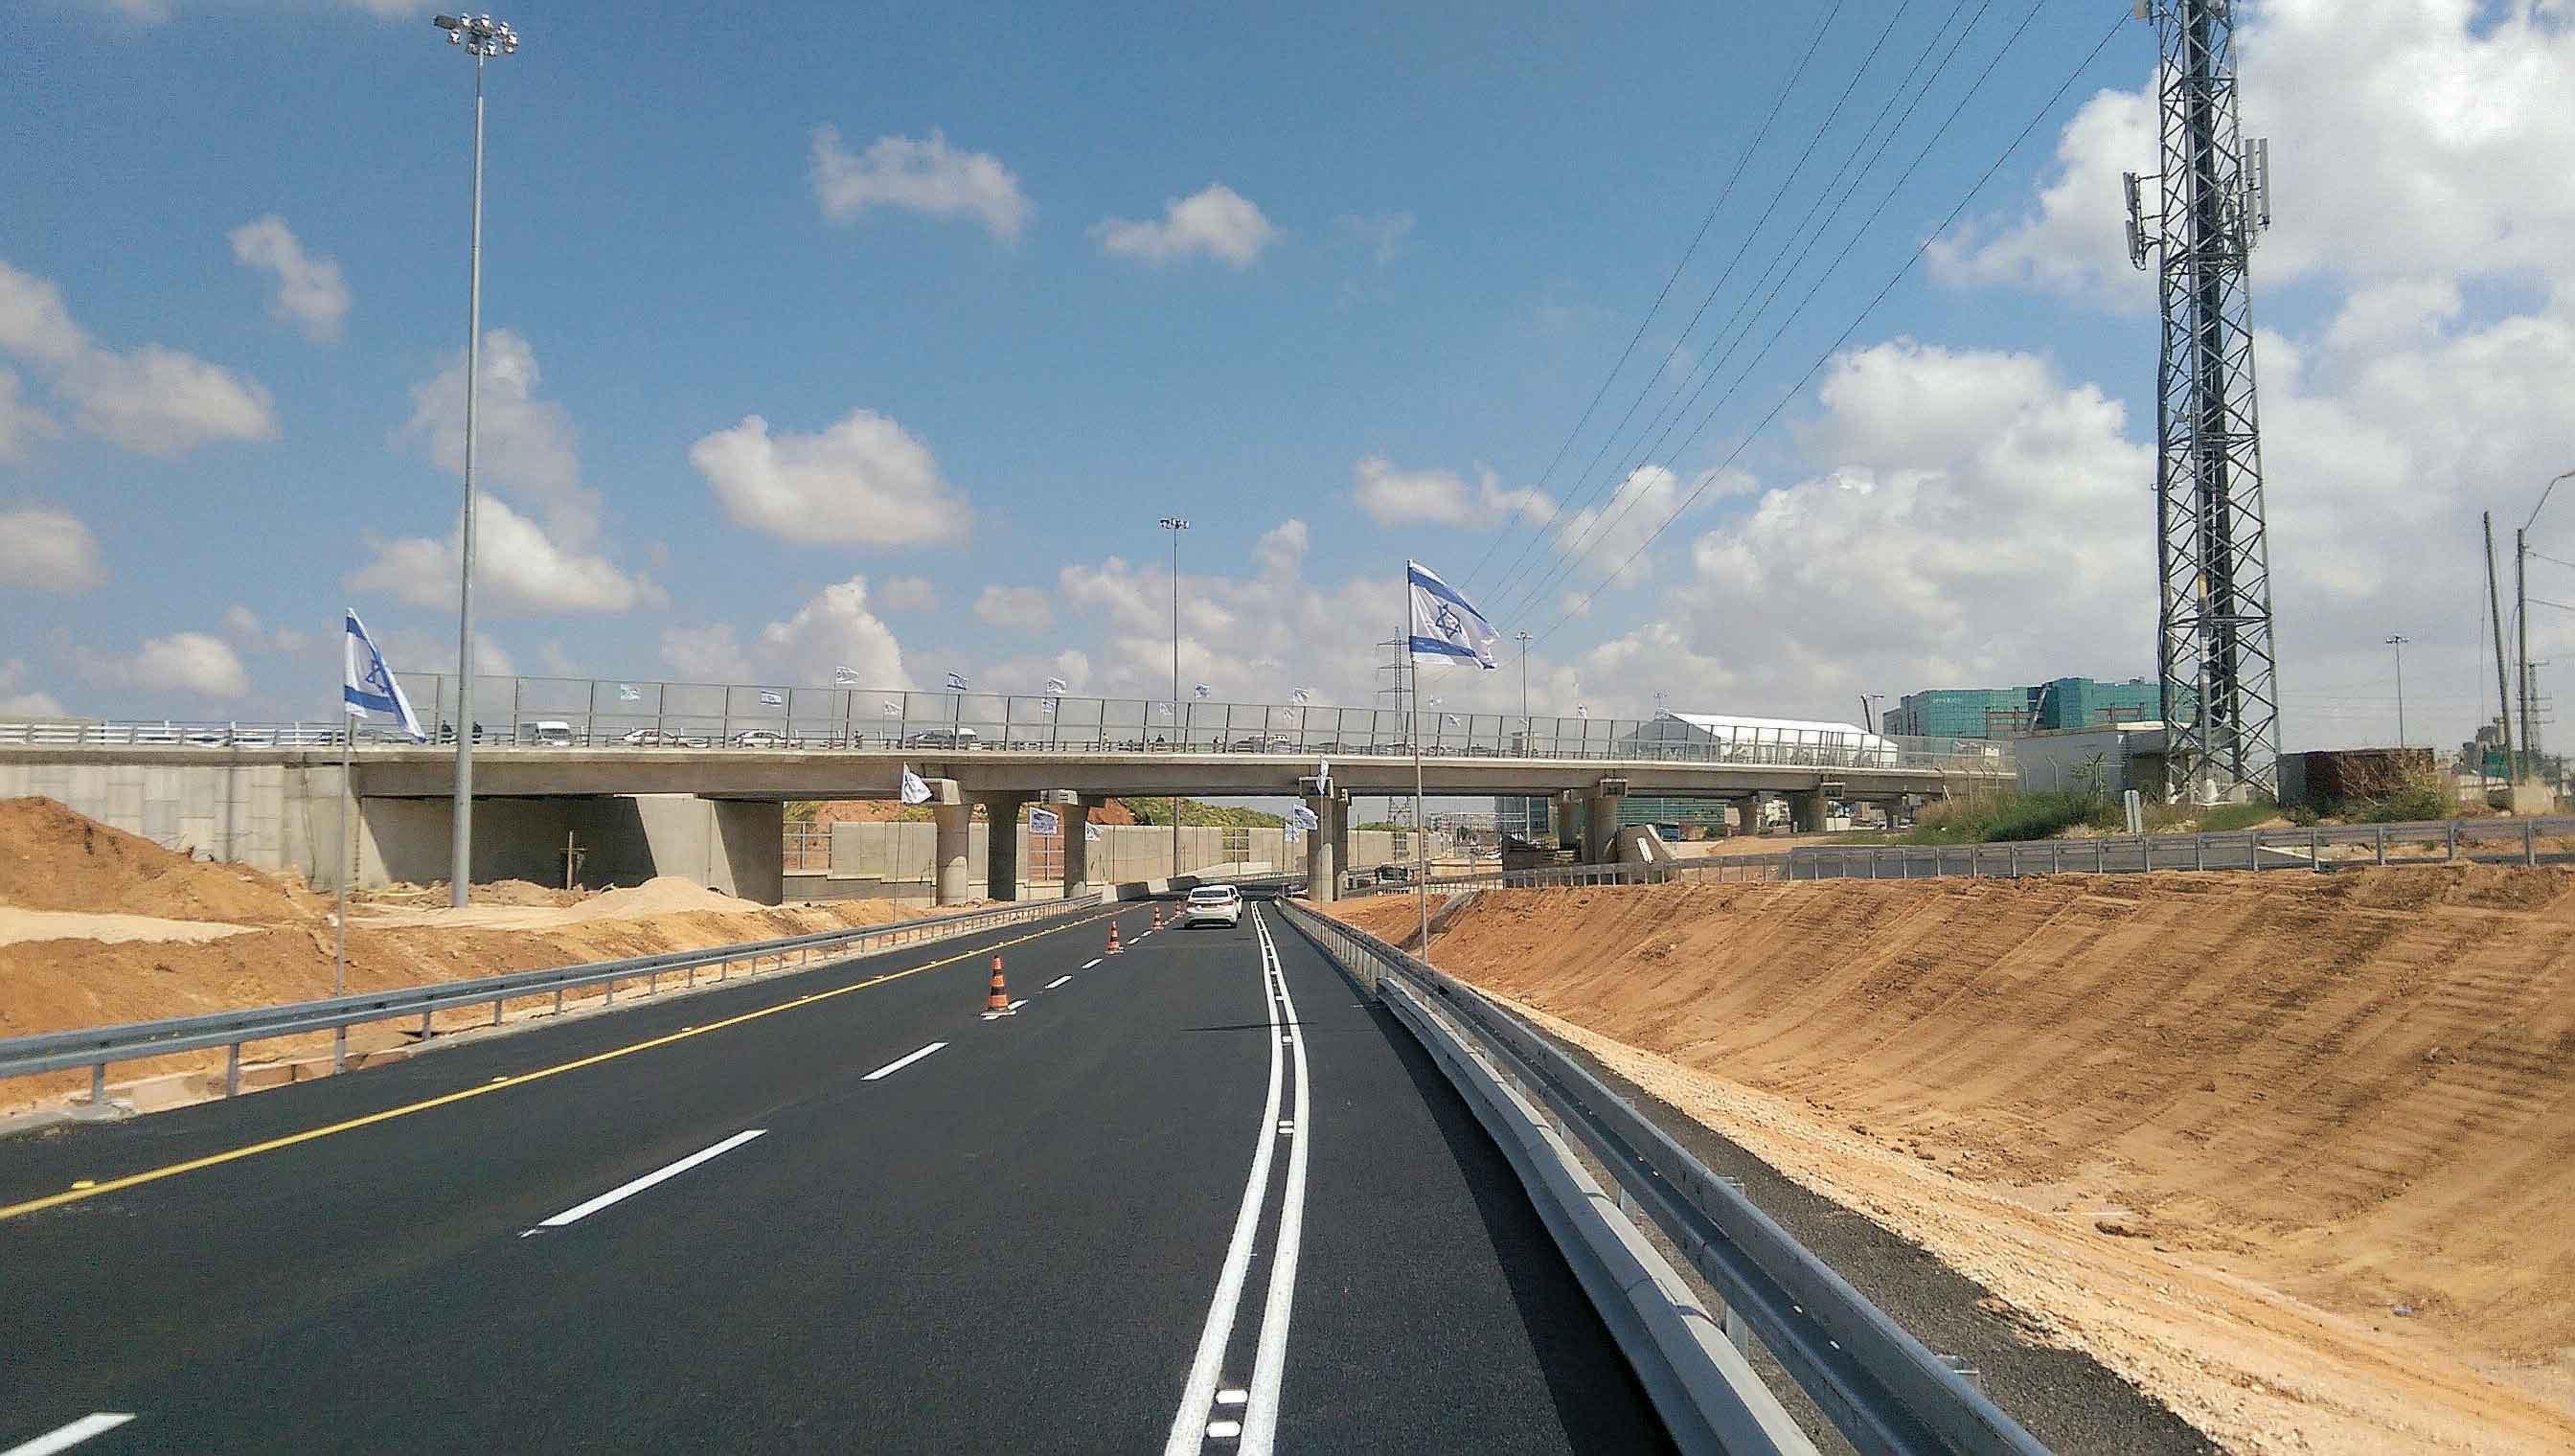 כביש 531 צילום עזרא לוי